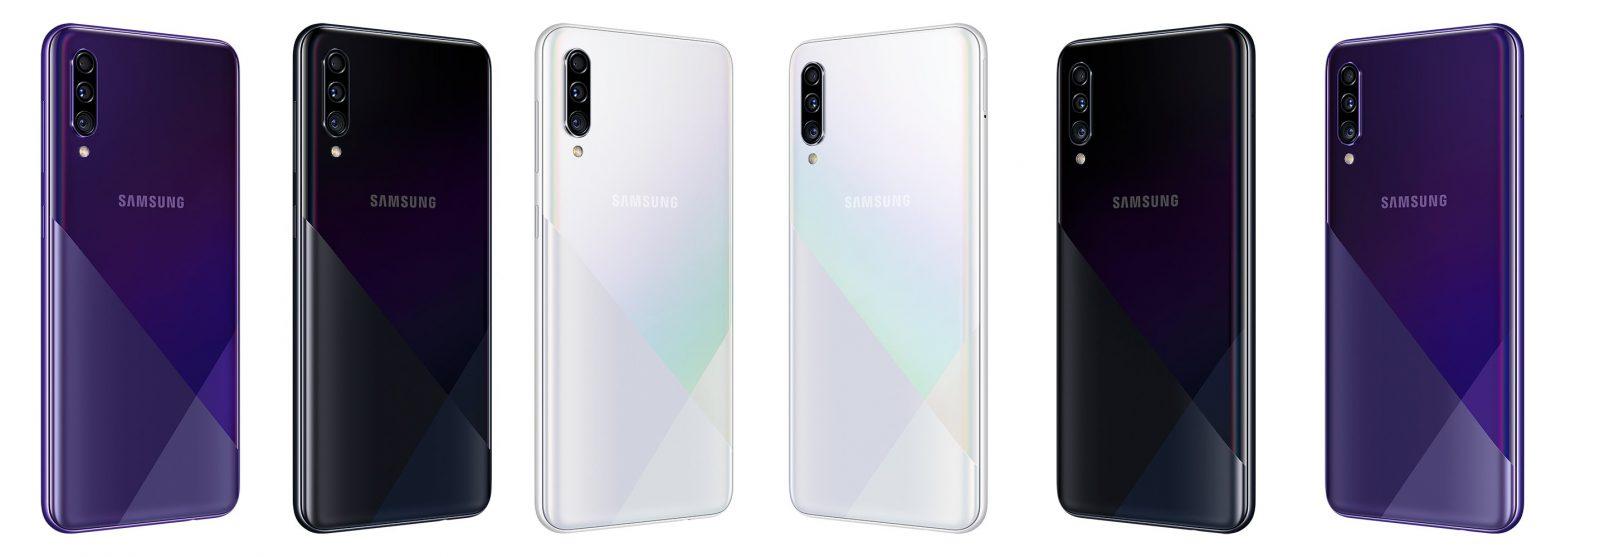 Smart-выбор: лучшие бюджетные смартфоны 2019–2020 года